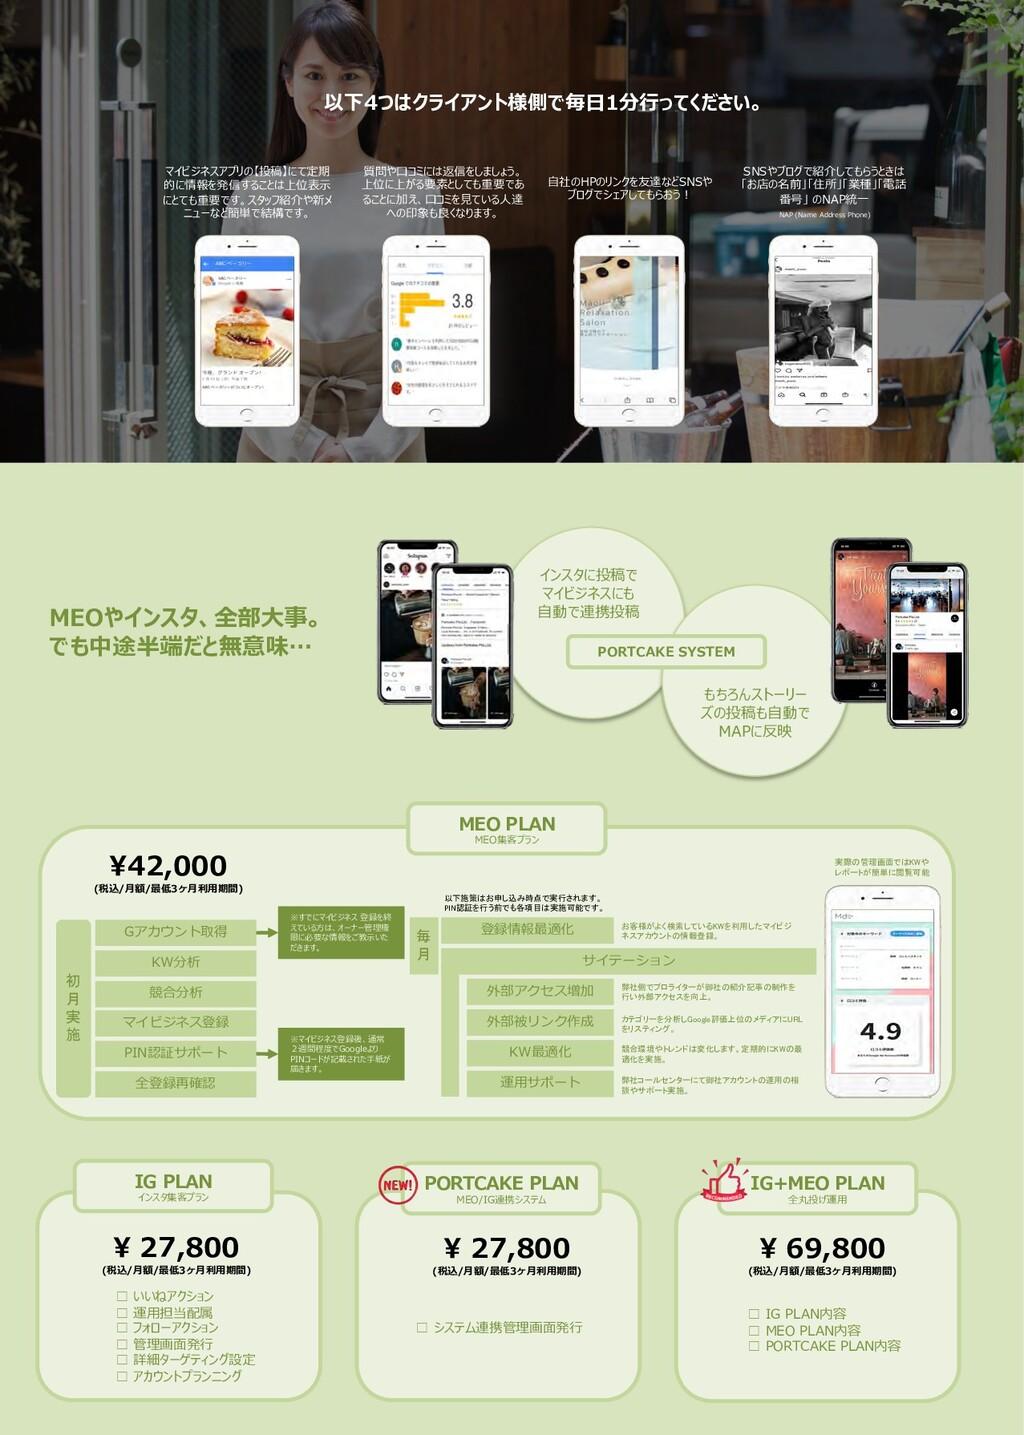 ¥27,800 (税込/月額/最低 3ヶ月利用期間) ・いいねアクション ・運⽤担当配属 ・フ...